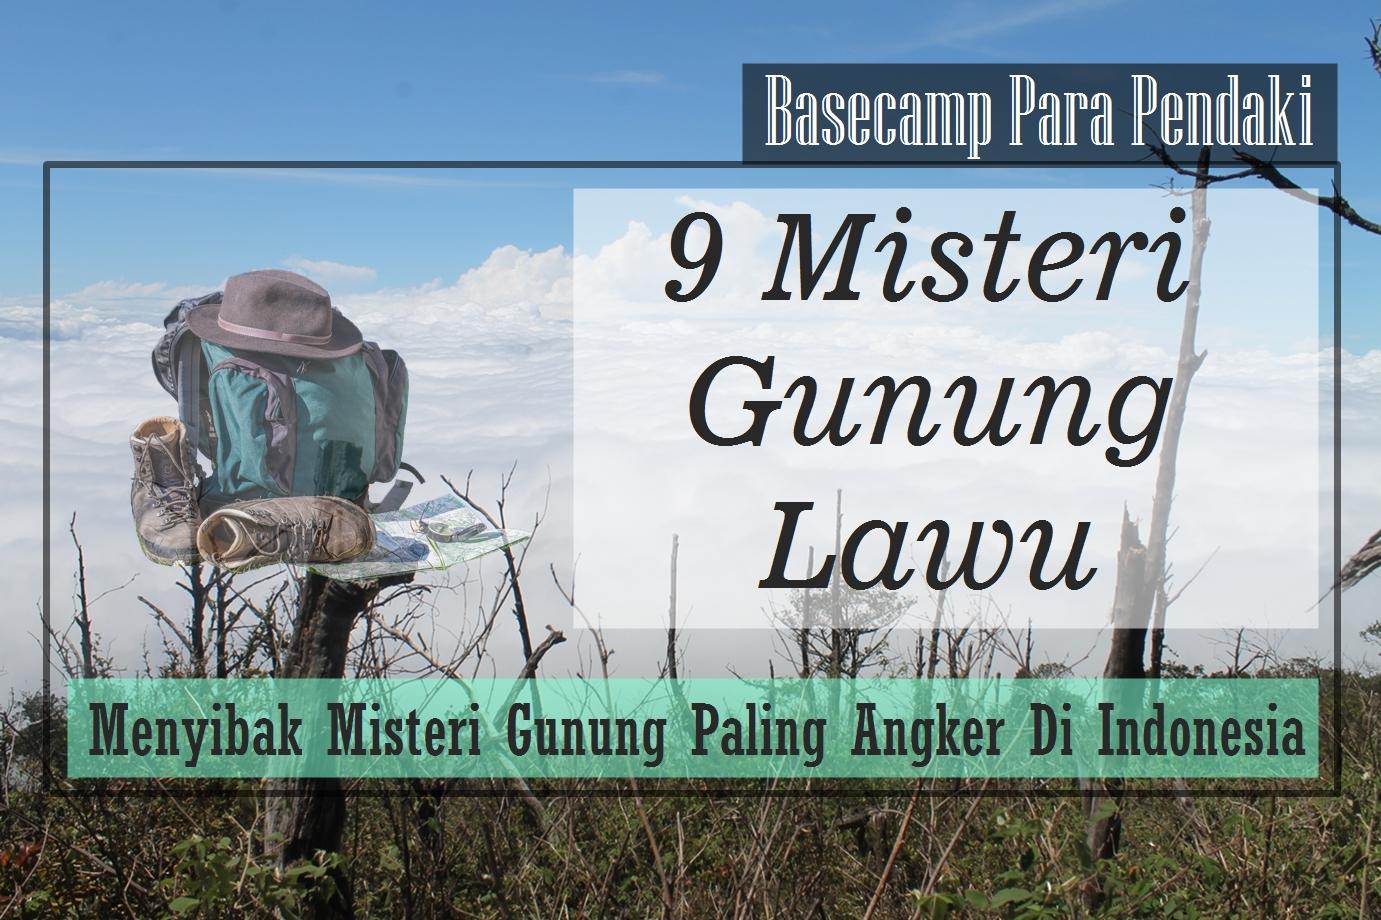 9 Misteri Gunung Lawu Gunung Terangker Di Indonesia Basecamp Para